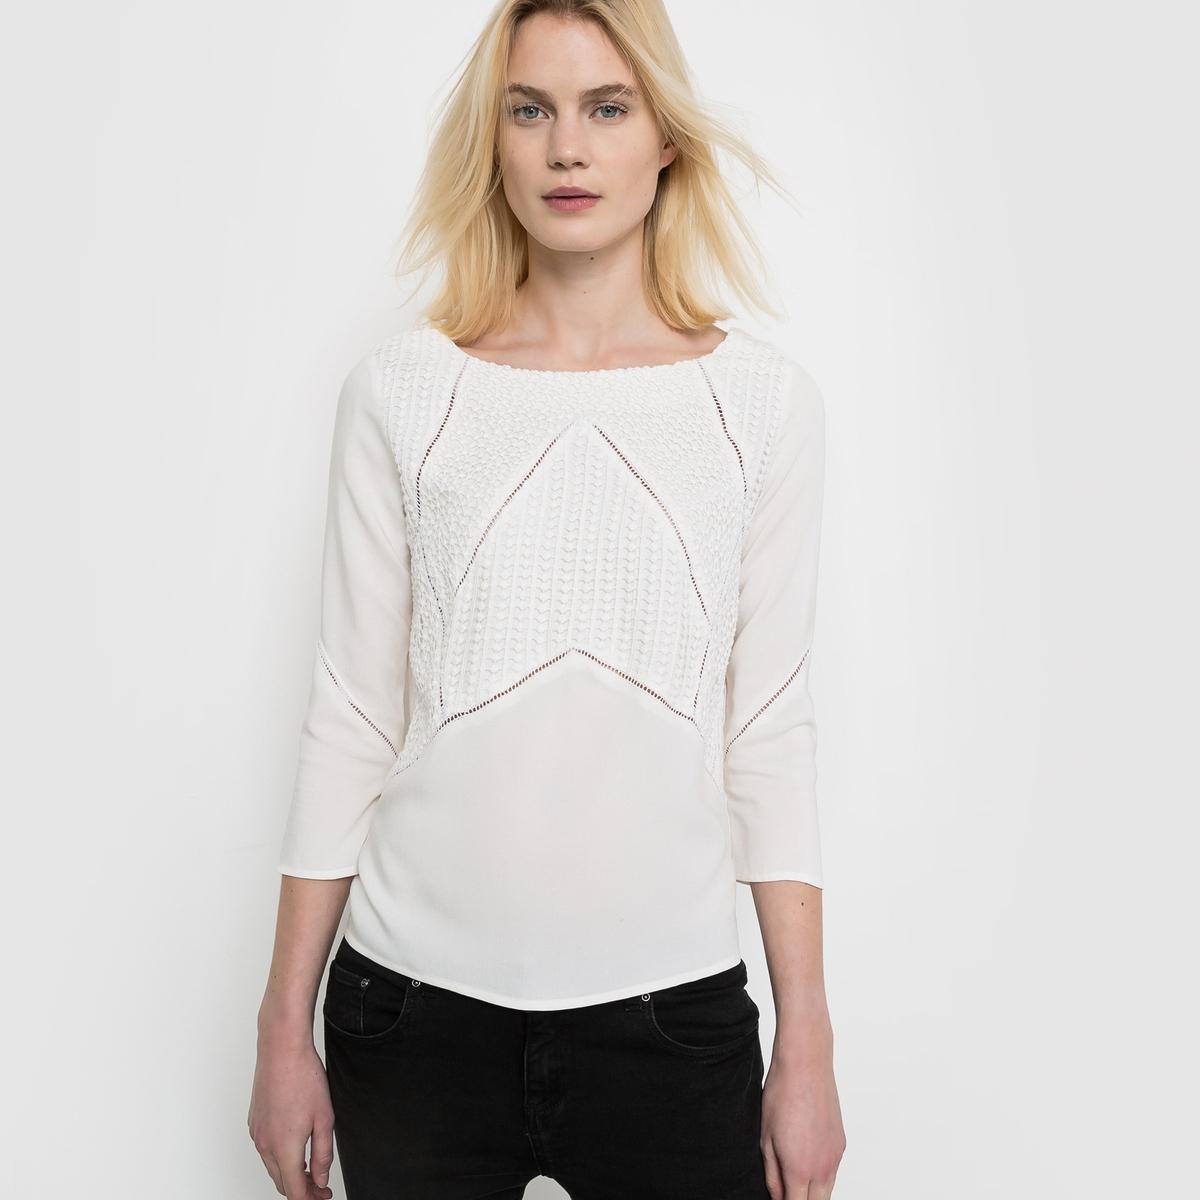 Блузка, 100% вискозыДобавьте женственности в Ваш образ...<br><br>Цвет: слоновая кость,черный<br>Размер: 44 (FR) - 50 (RUS).40 (FR) - 46 (RUS).42 (FR) - 48 (RUS)